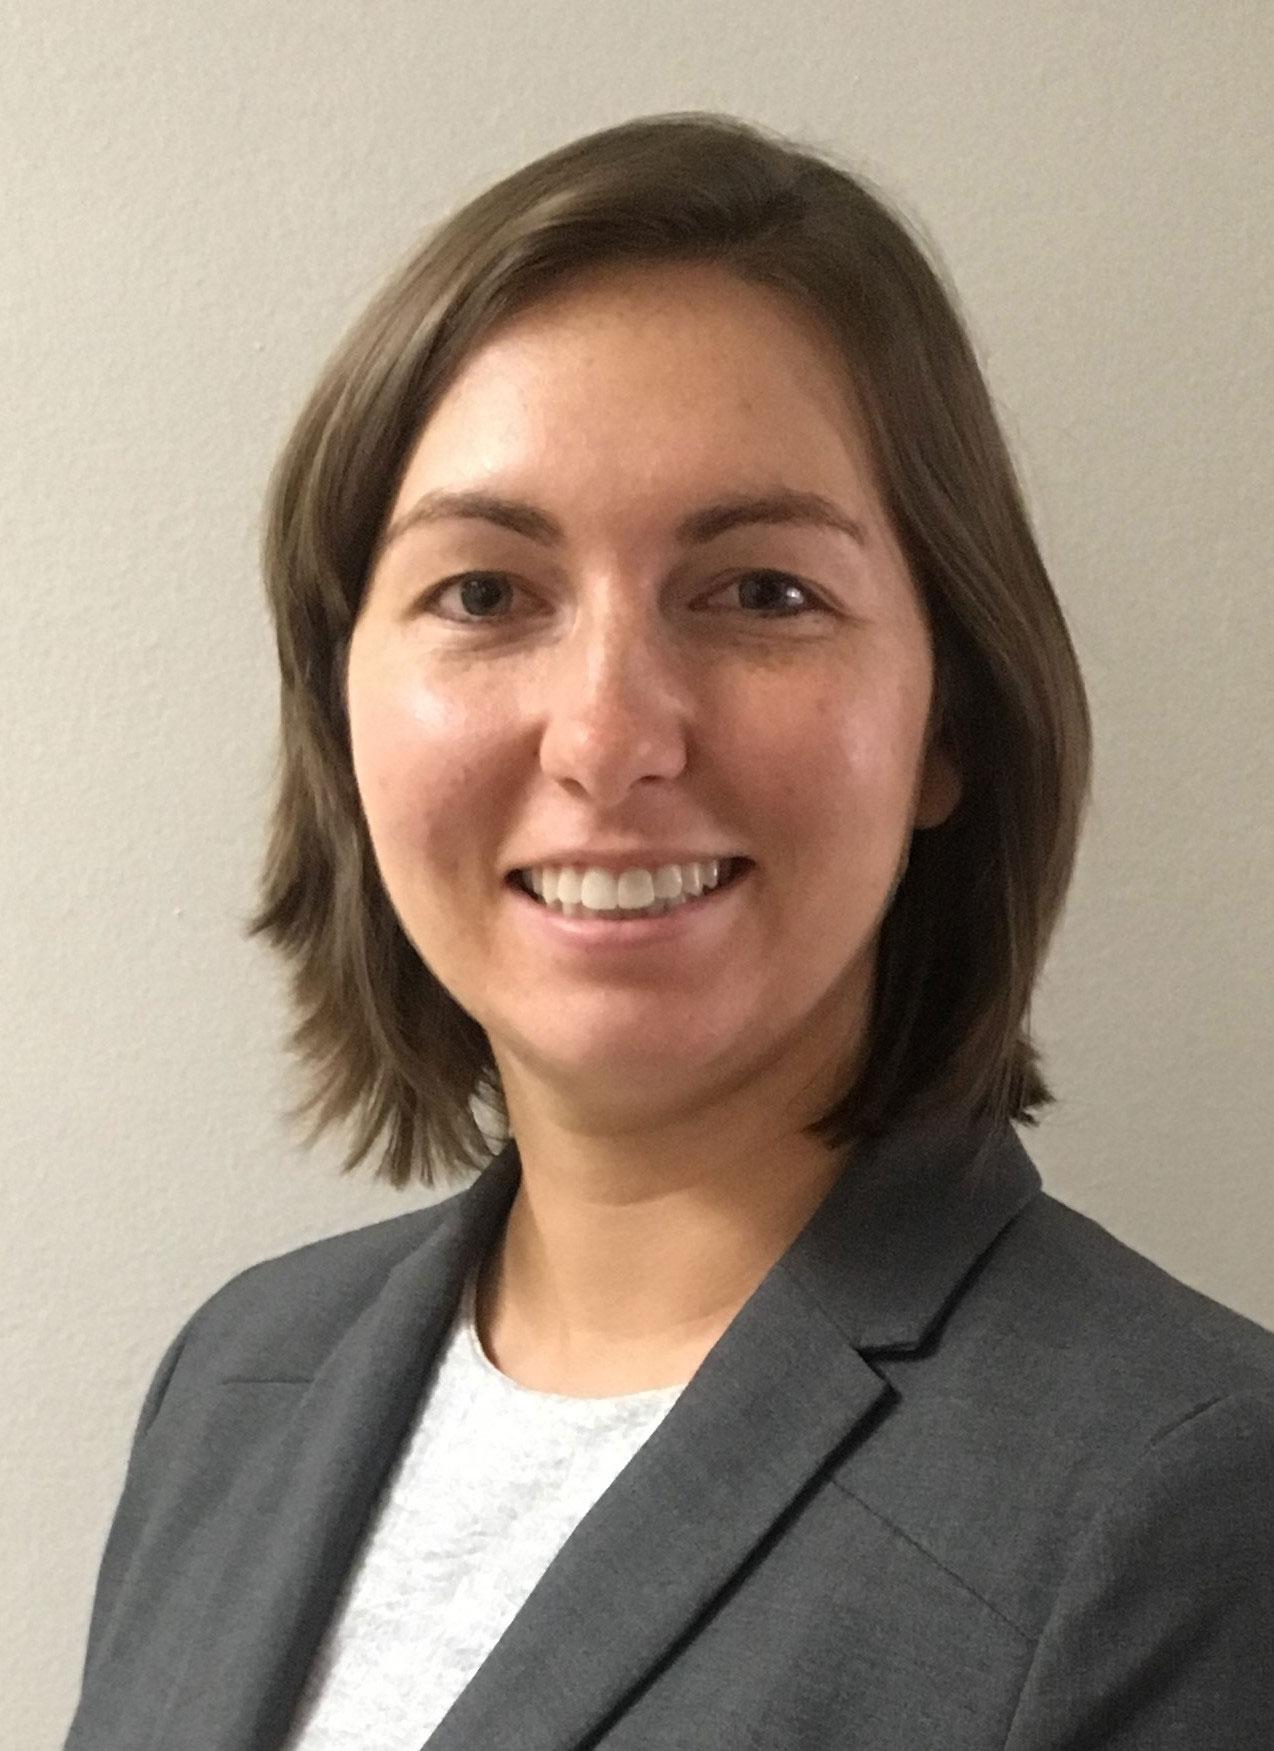 Headshot of USA Rice Sustainability Manager Emily Woodall